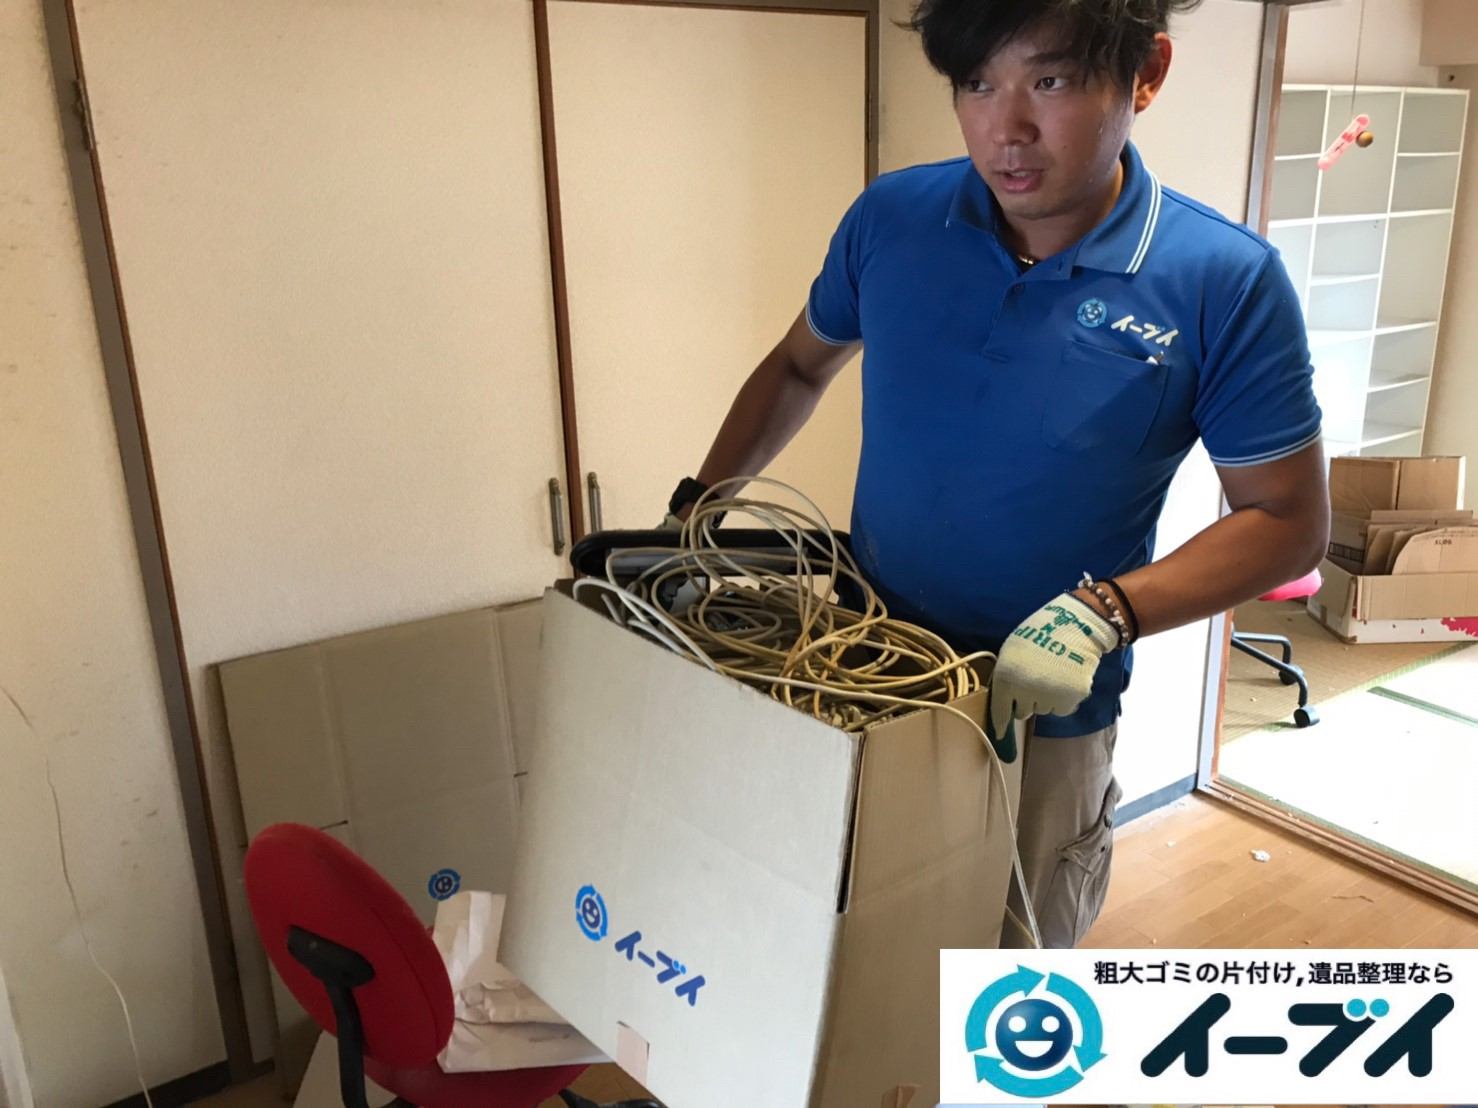 2019年11月15日大阪府枚方市で冷蔵庫の大型家電、ハンガーラックやスチールラックの不用品回収。写真4